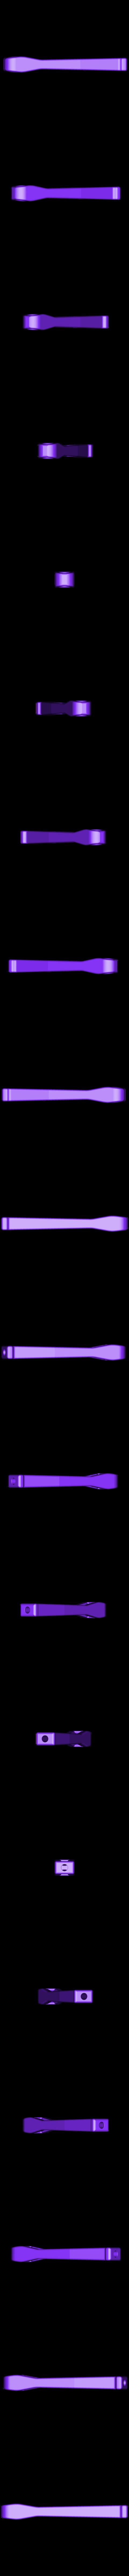 Nadelfeile_Handle_Full.STL Télécharger fichier STL gratuit Poignée Nadelfeile • Design à imprimer en 3D, perinski